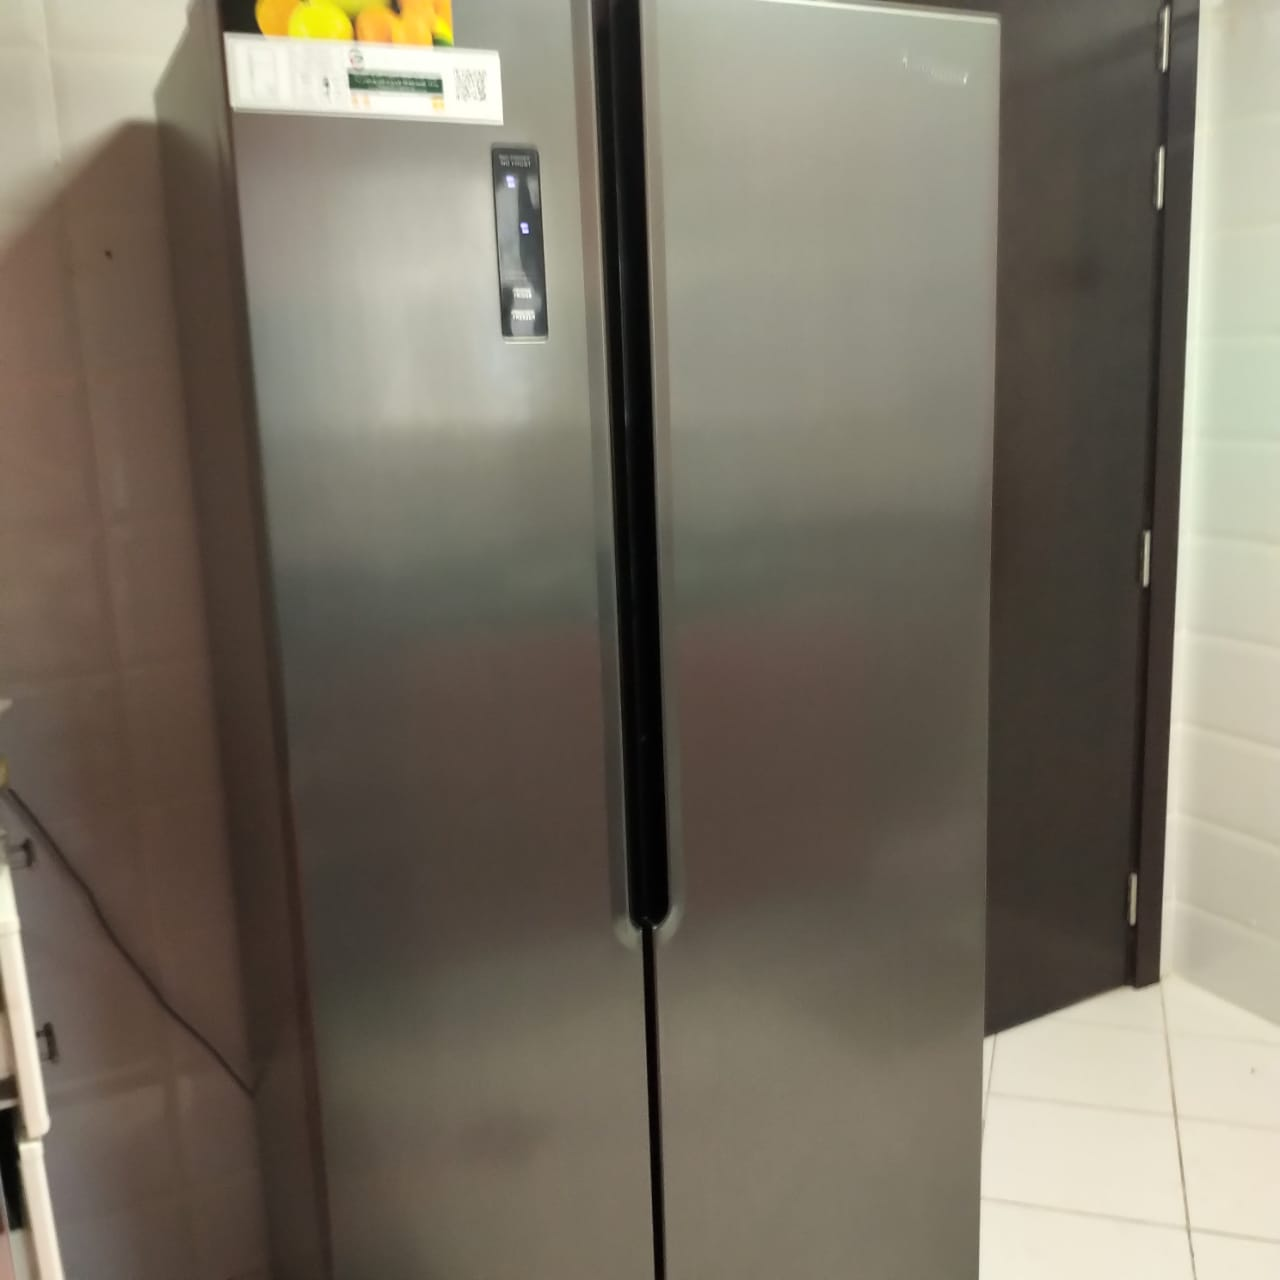 Refrigerator - Super General - Image 3.jpeg